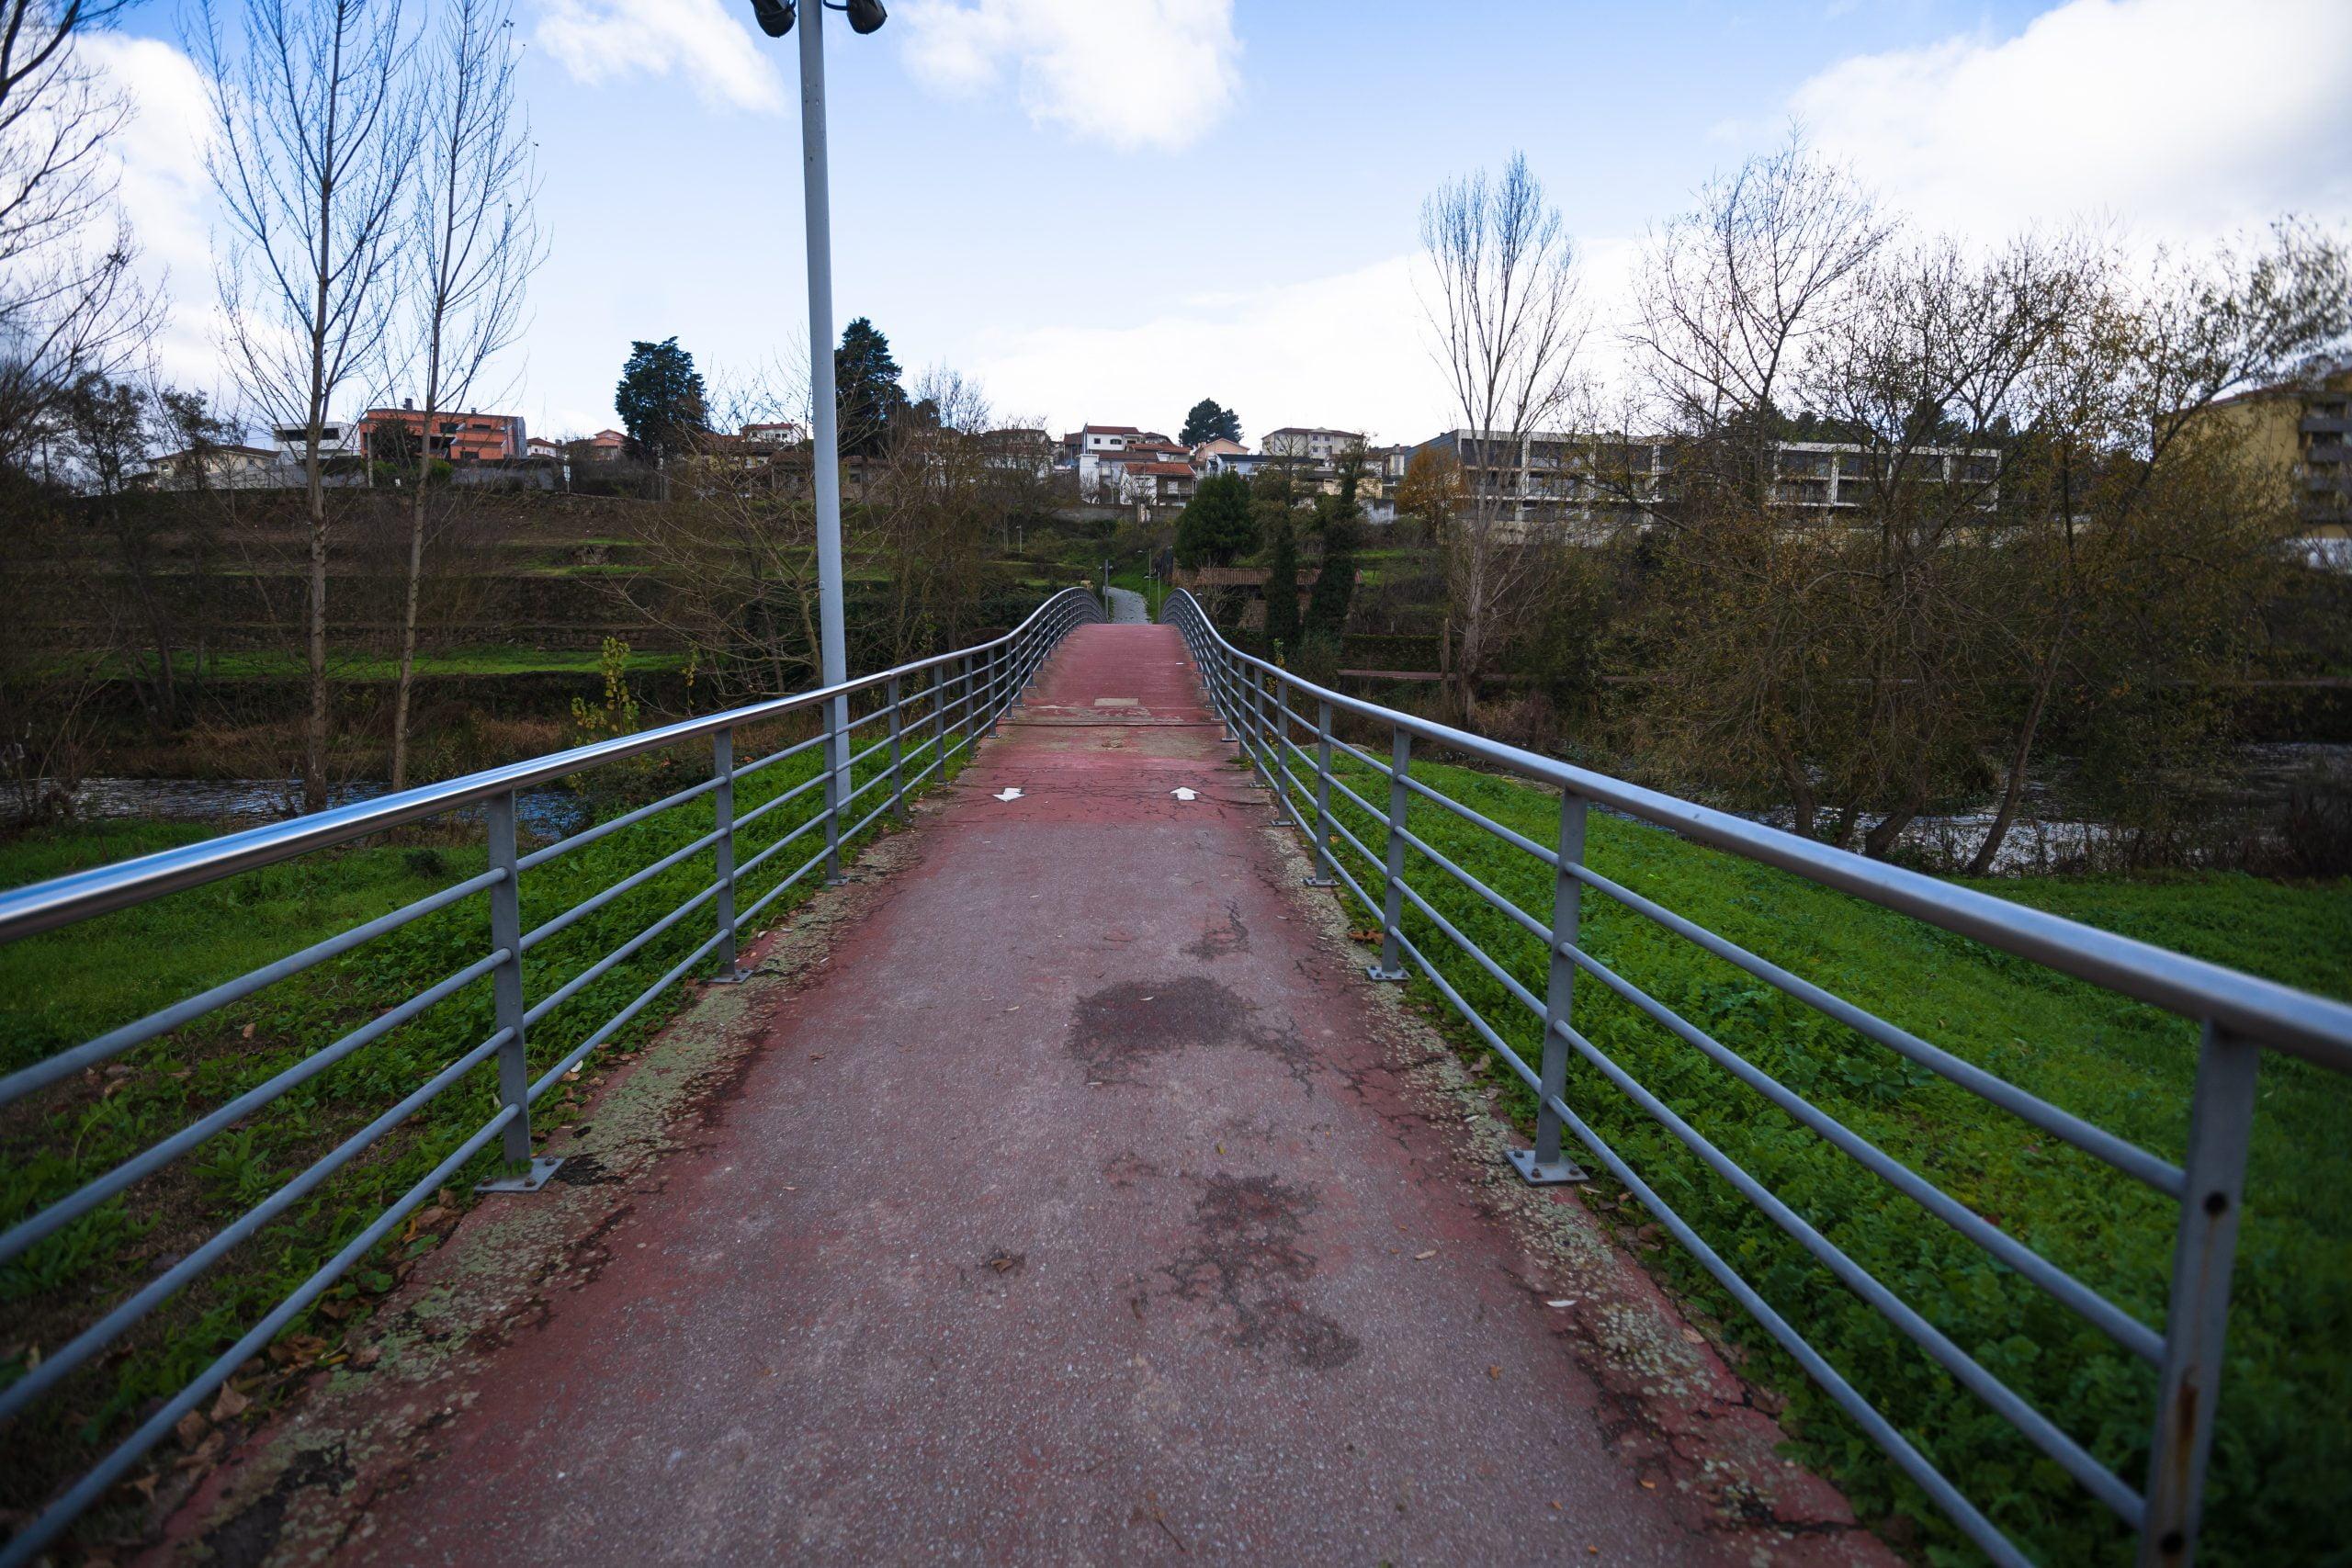 Ciclovia da margem direita do Tâmega entre o Açude dos Agapitos e a Ponte Eng.ª Barbosa Carmona